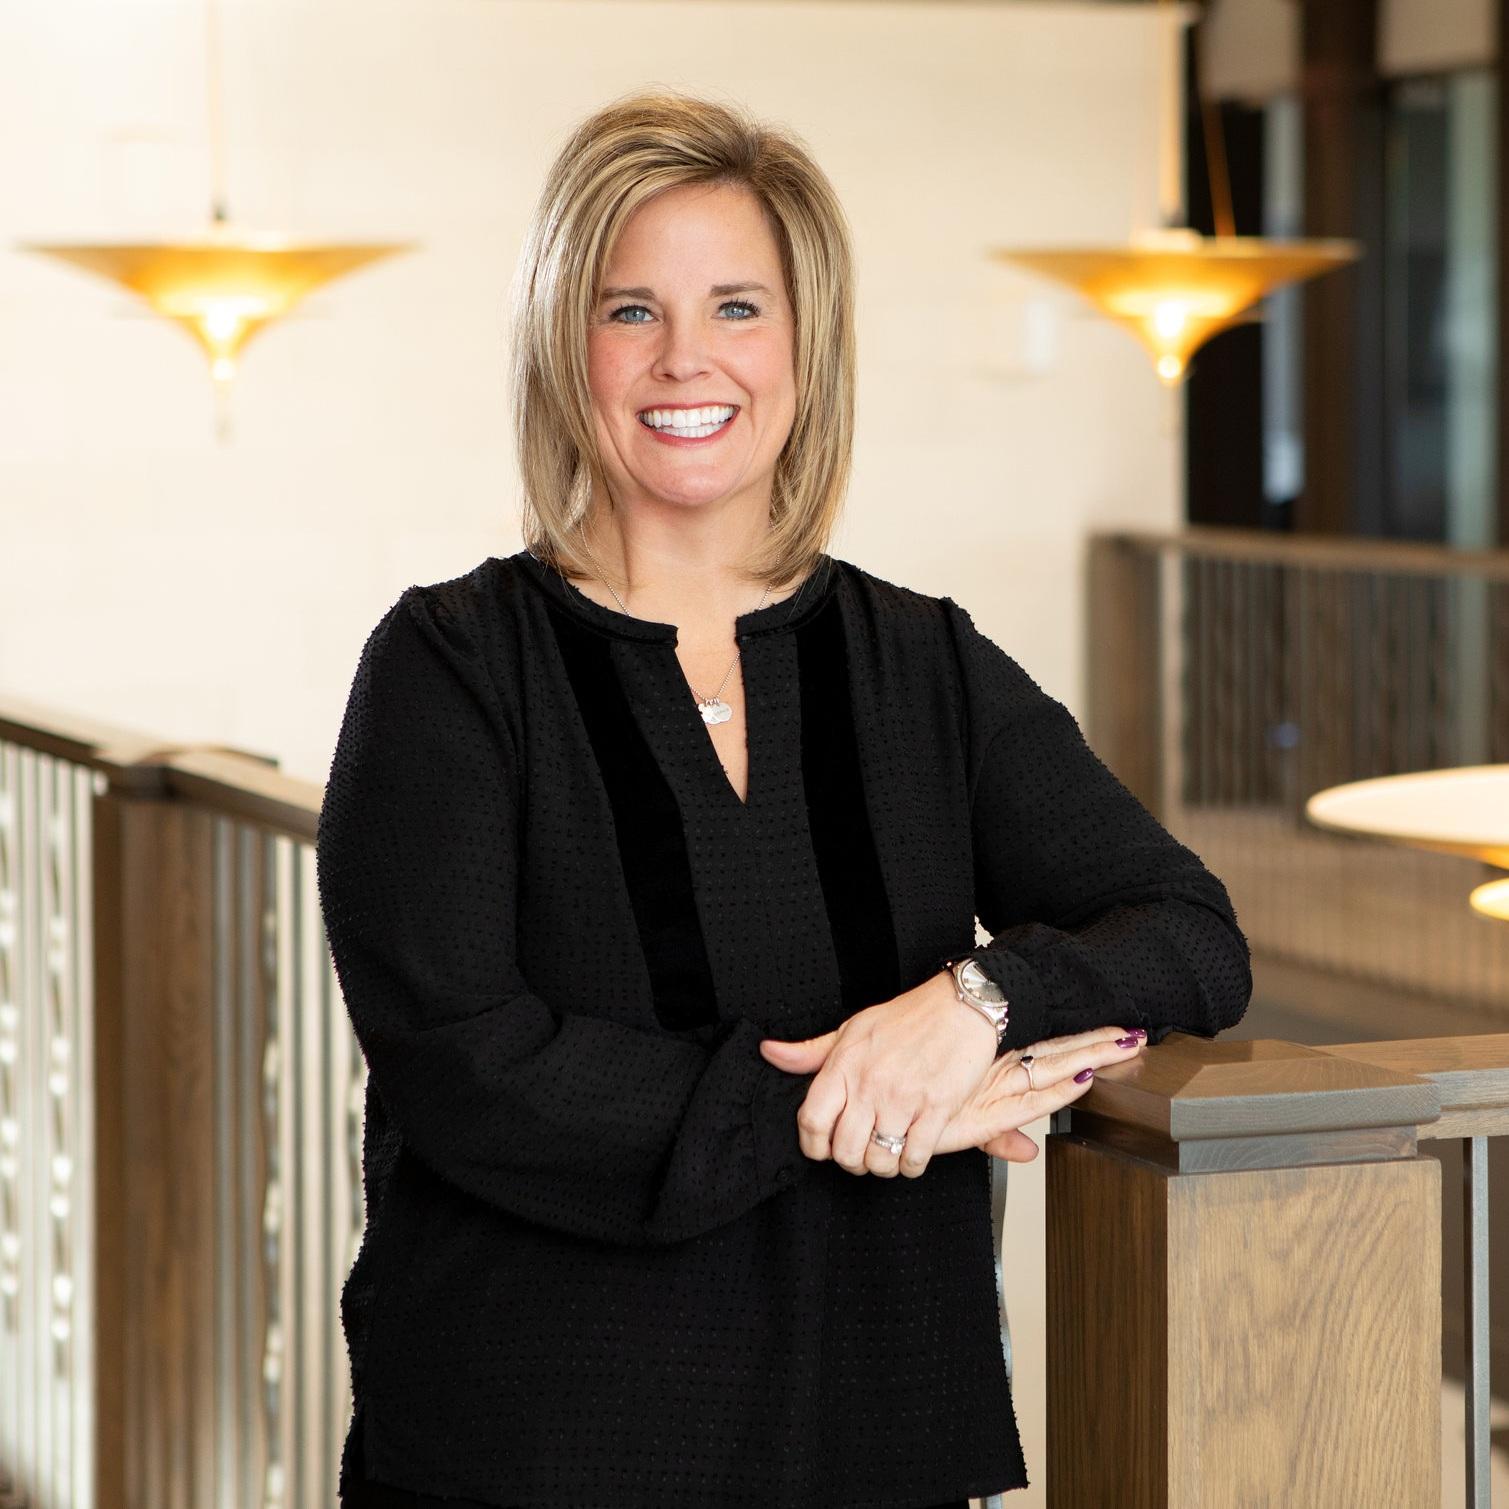 Jenn Rosati Senior Vice President Operations